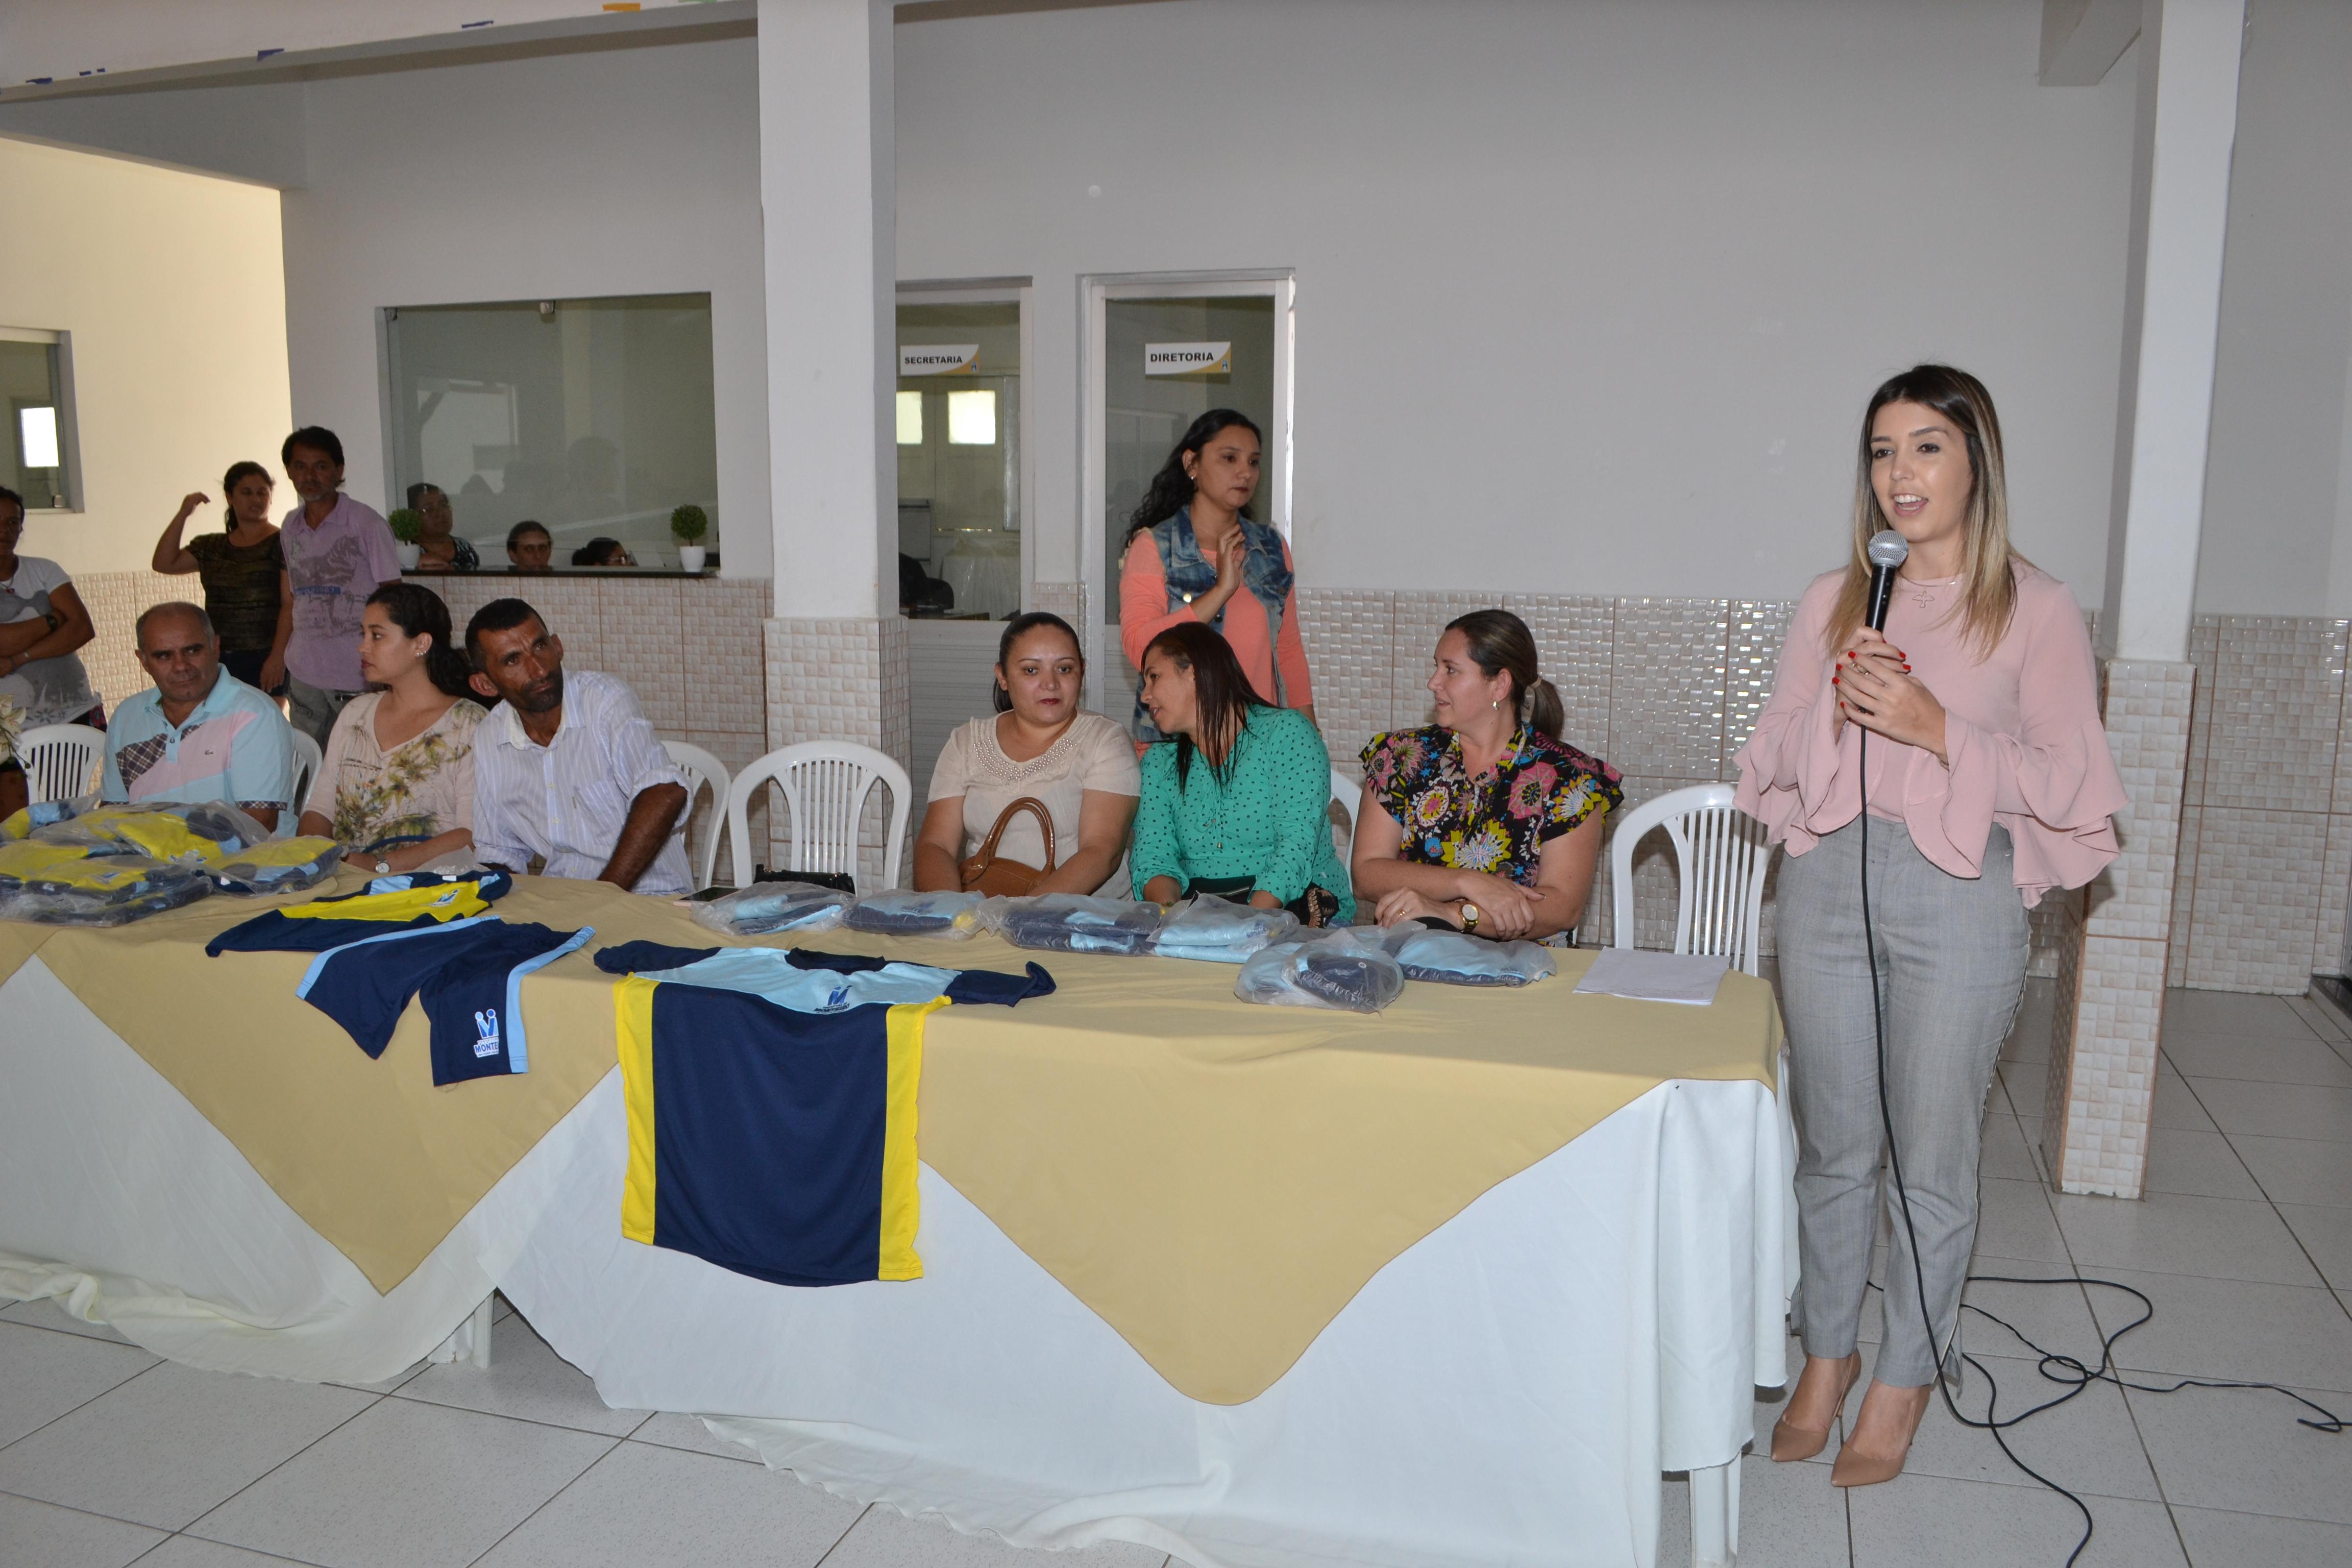 DSC_0363-300x200 Escolas Municipais de Monteiro recebem kit de fardamento das mãos da prefeita Lorena